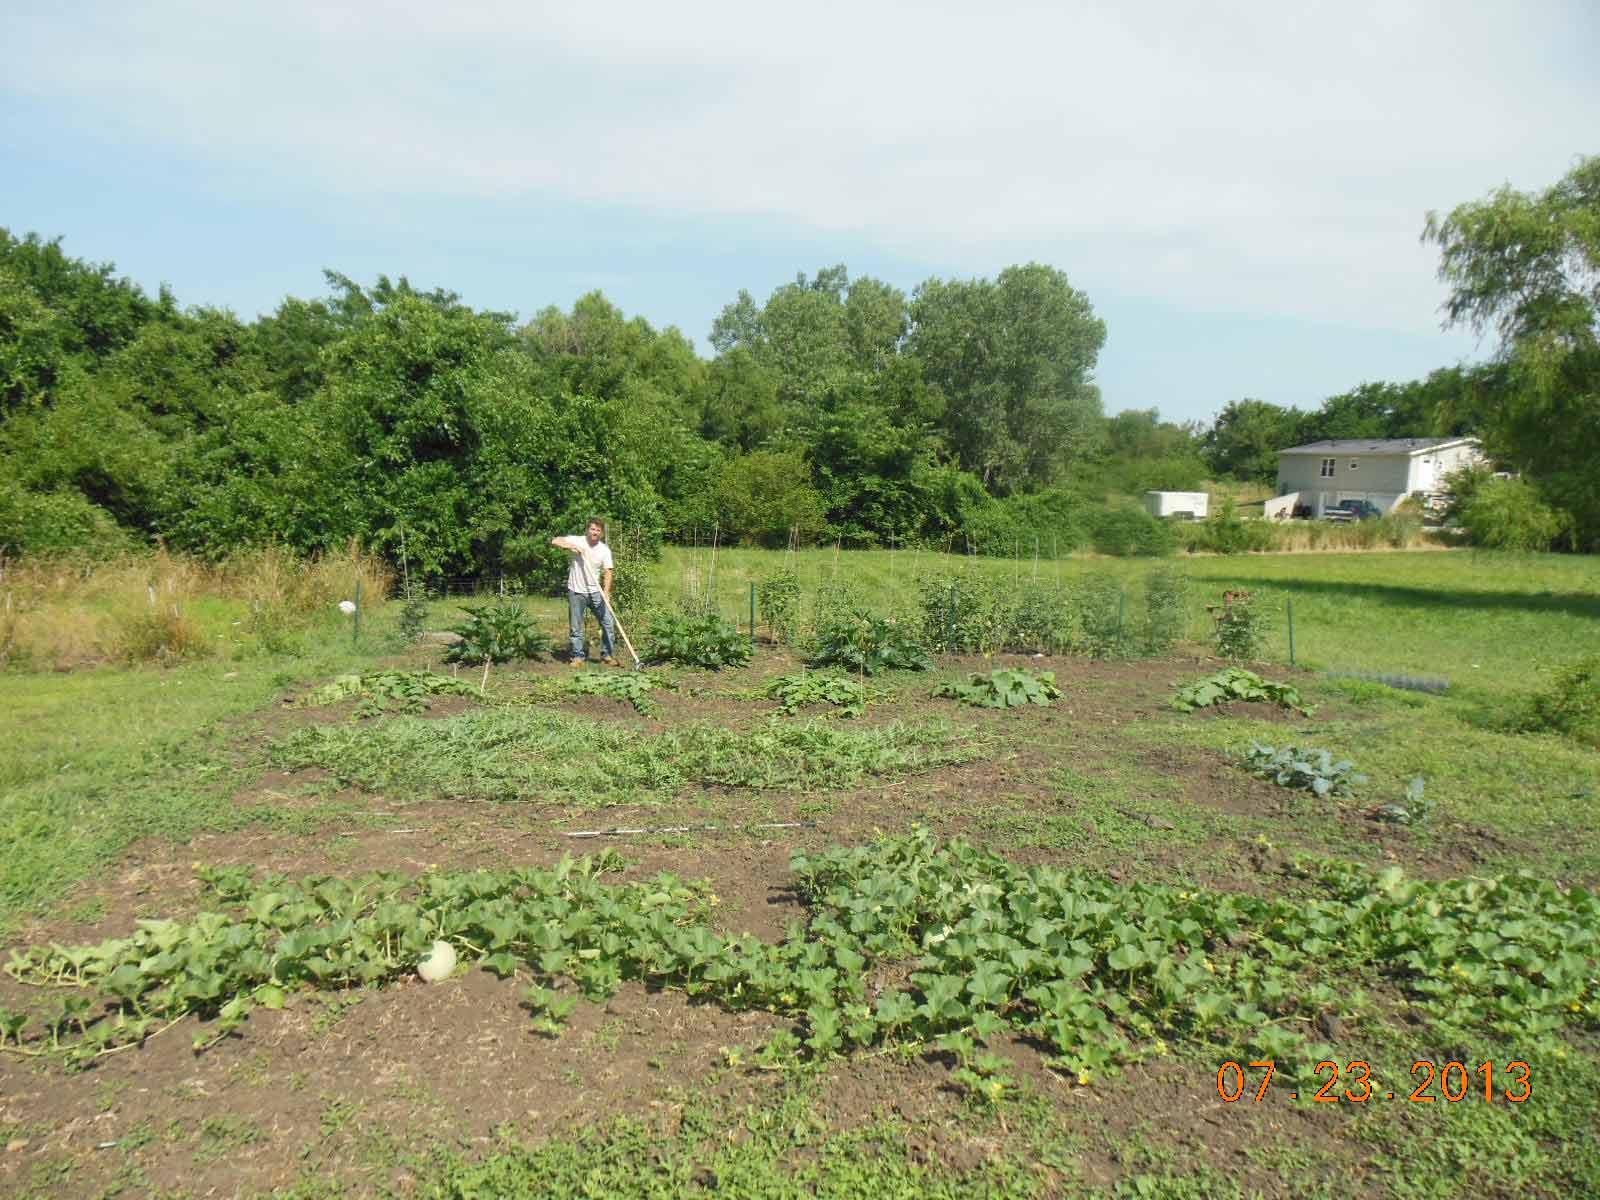 Worm farming revealed garden in July 2013-1